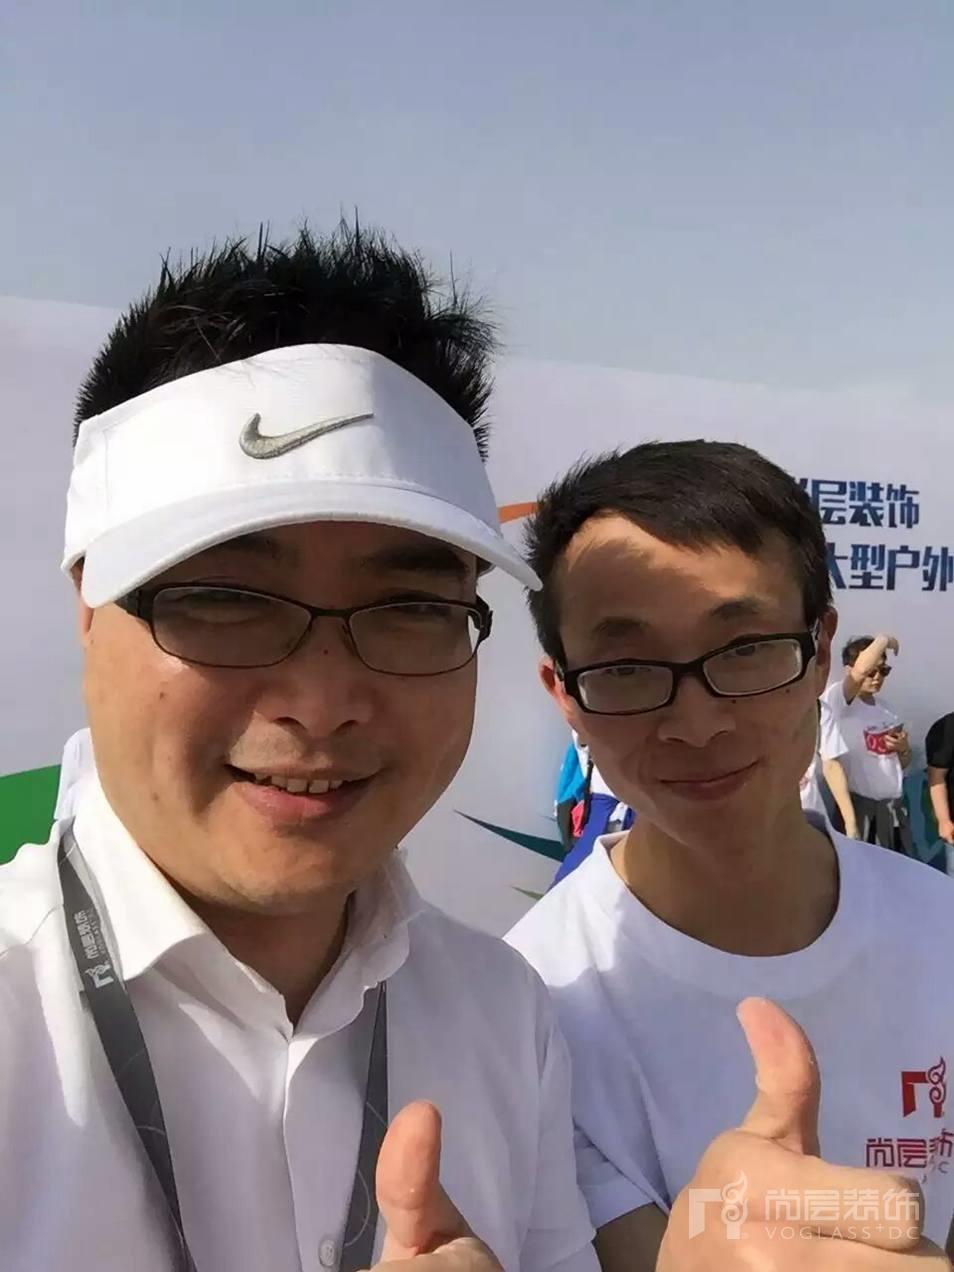 尚层运动会冠军与郭总合影